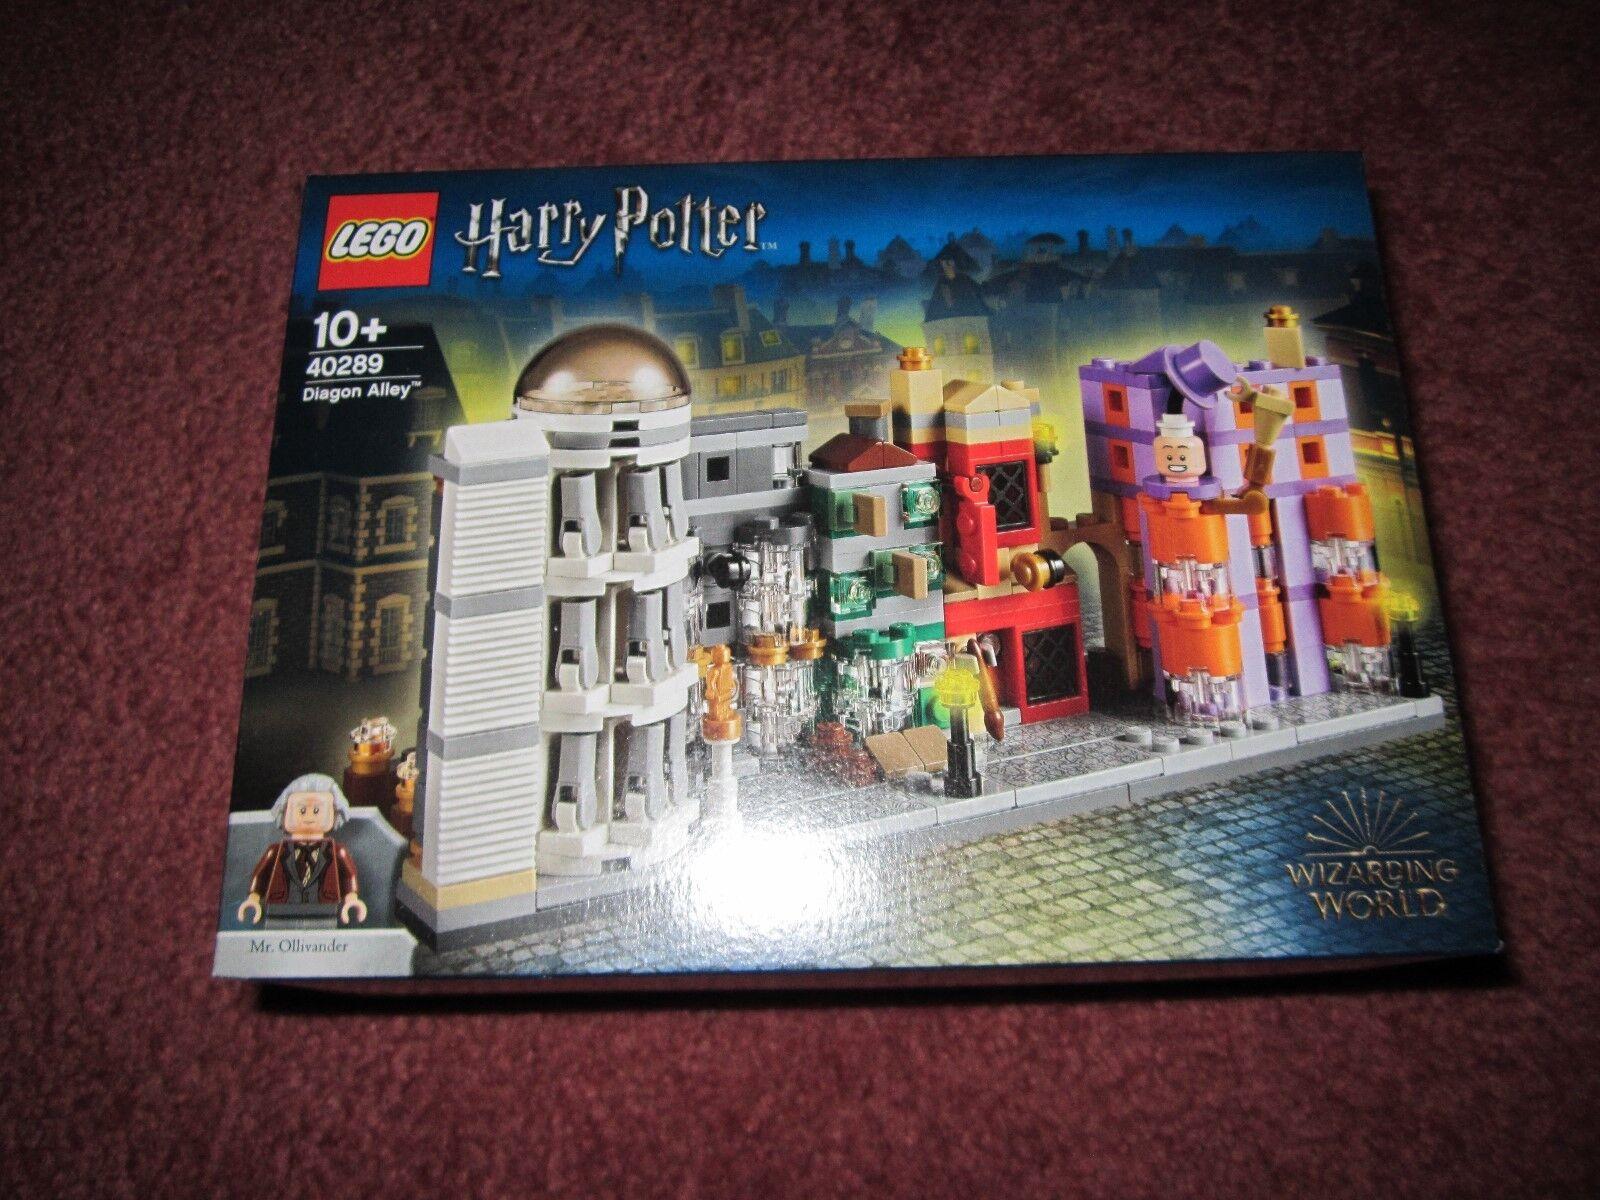 Lego Harry Potter Diagon Alley 40289-Nouveau coffret Scellé